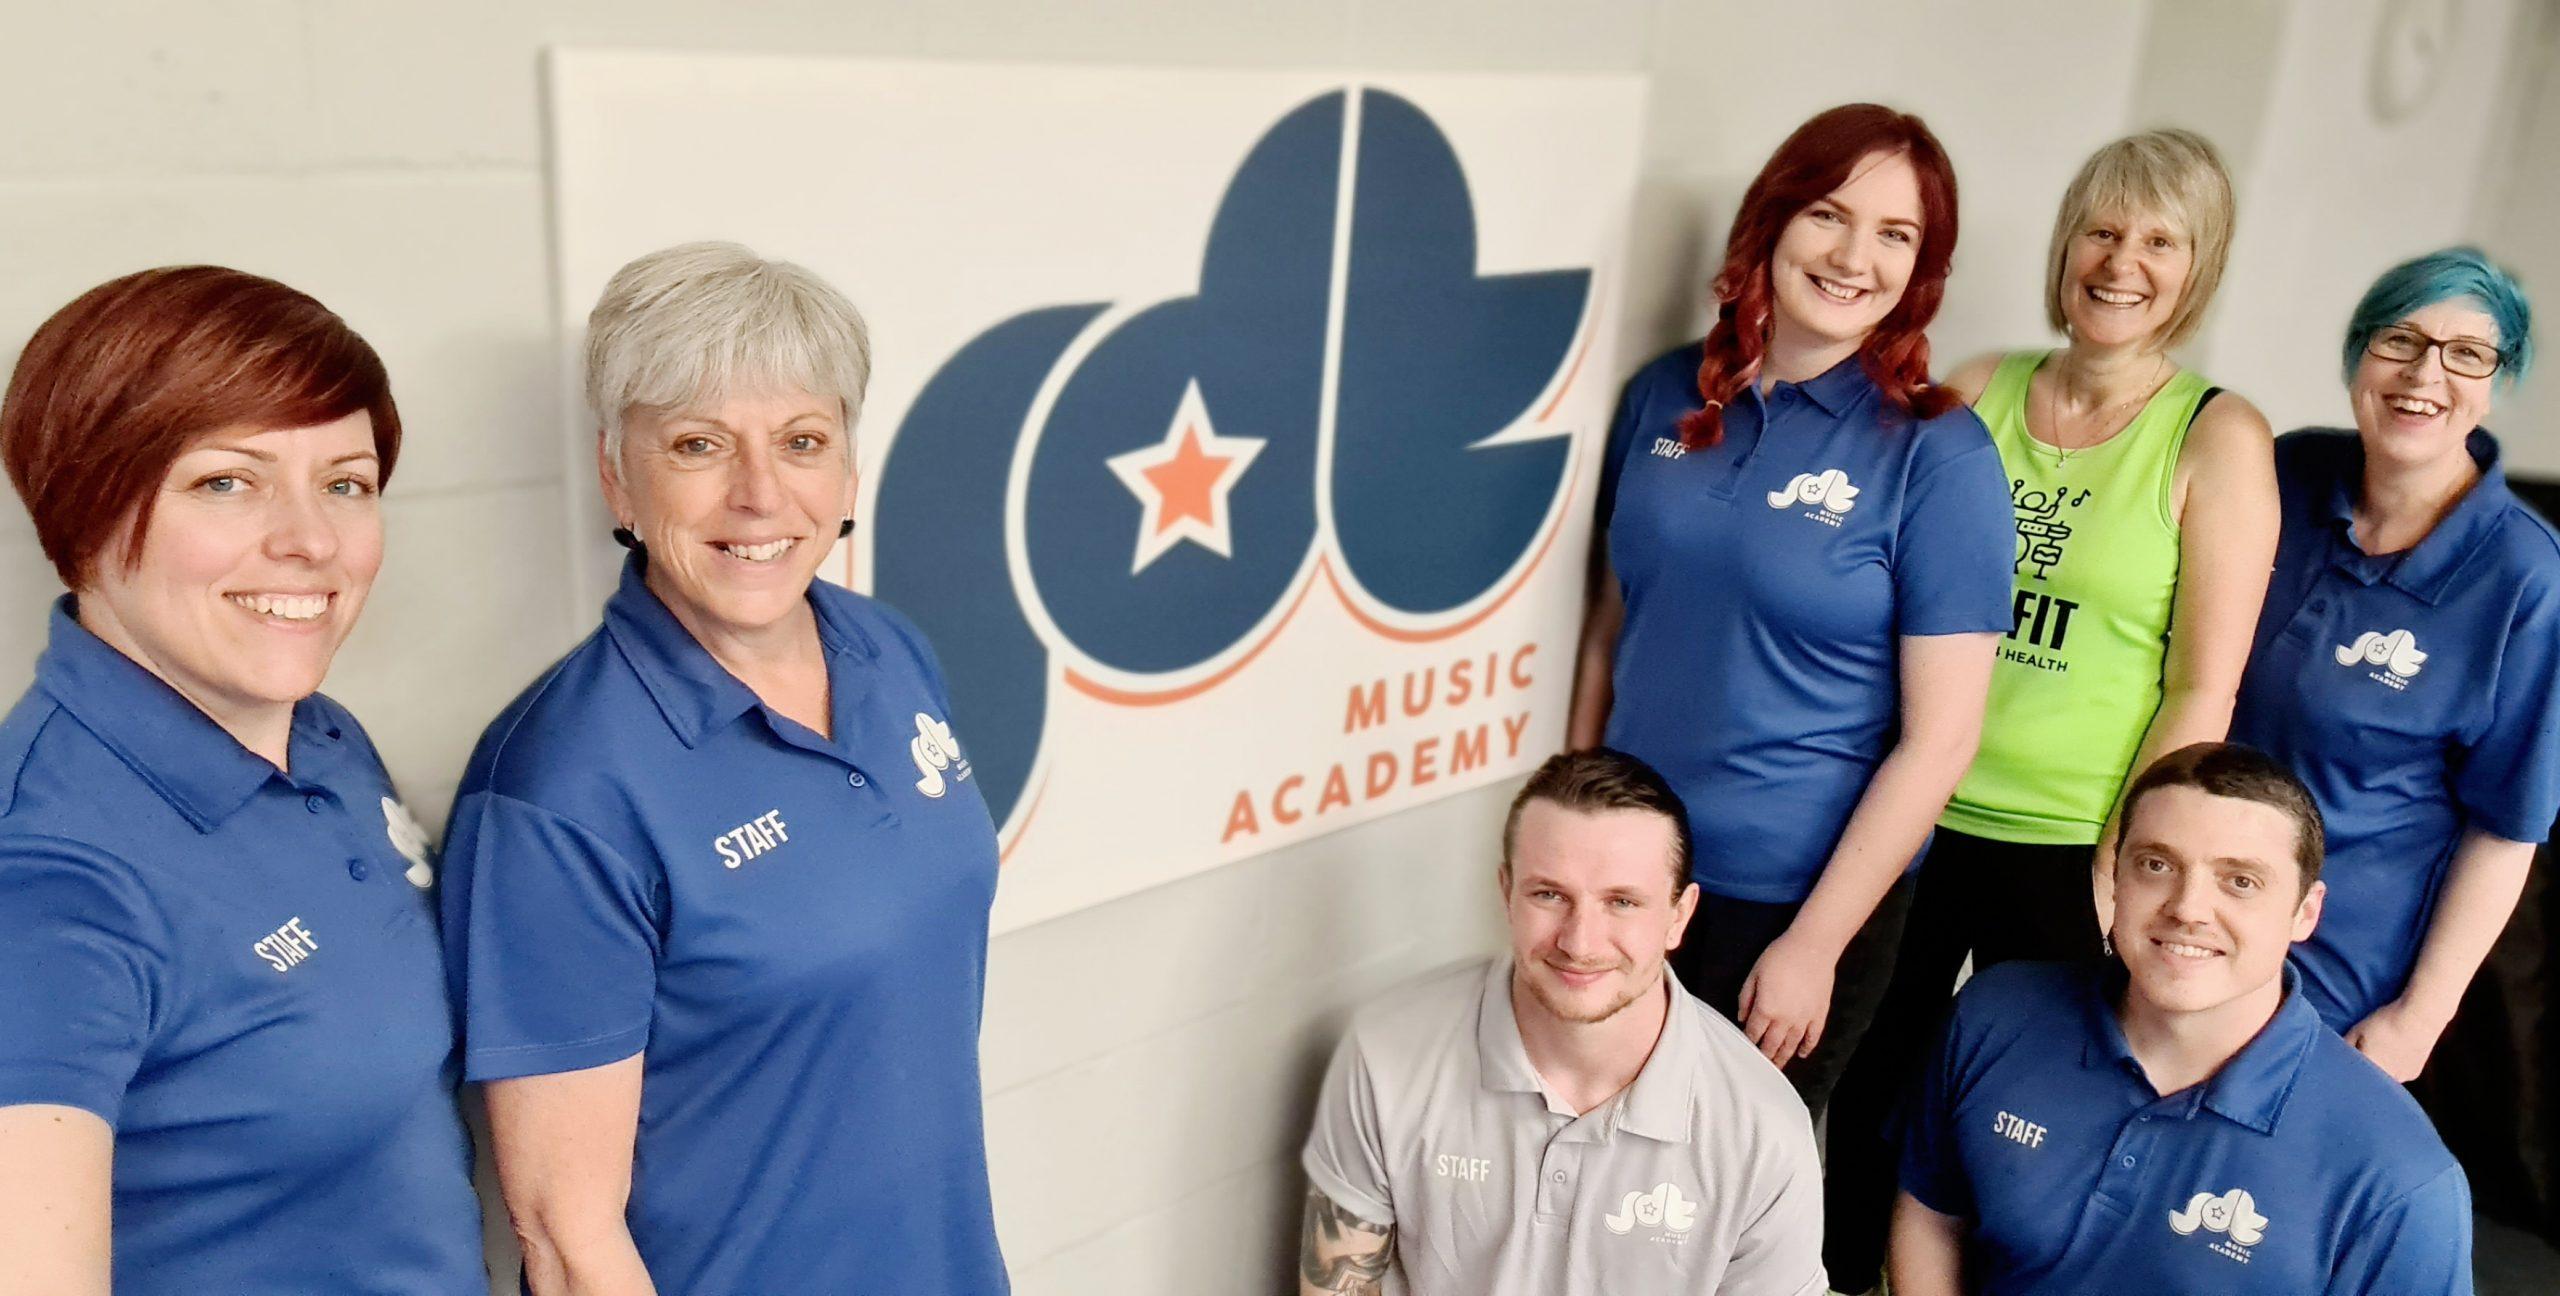 JDT Music Academy Team Photo